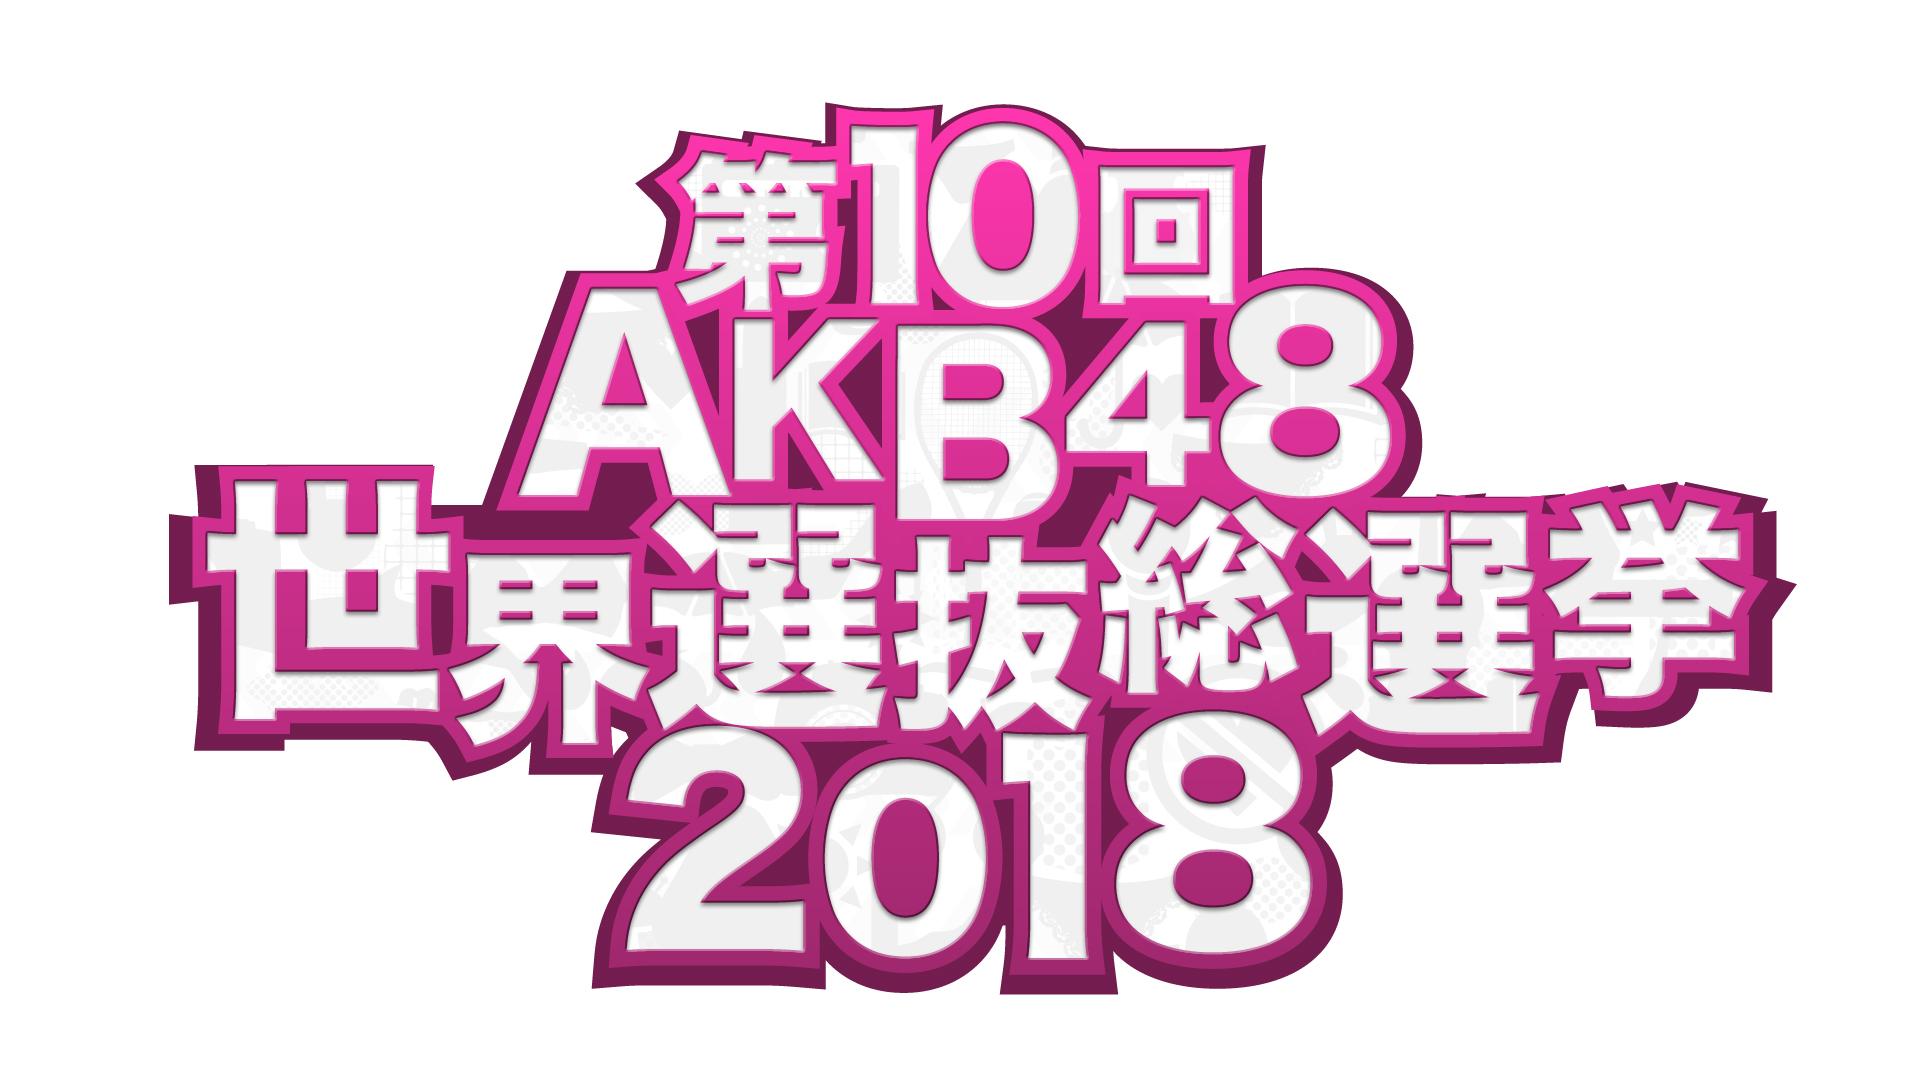 6月16日(土)19:00 O.A. <br>フジテレビ「第10回AKB48世界選抜総選挙2018」